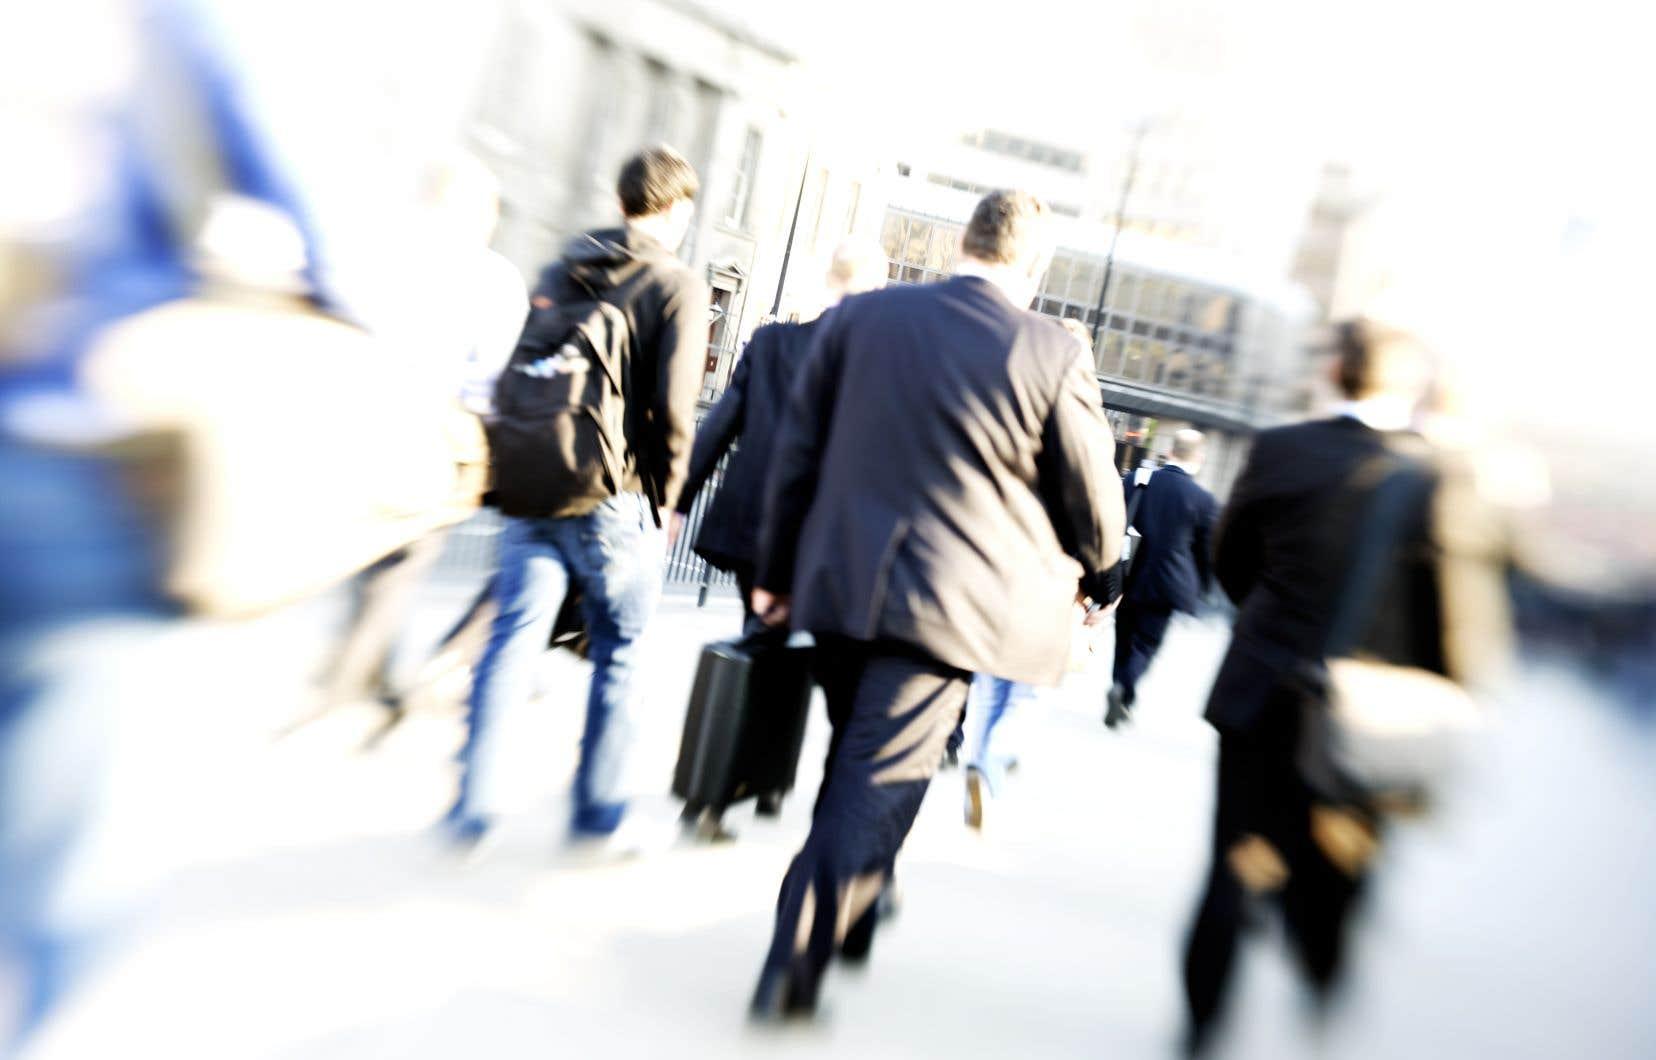 Le taux d'intention d'entreprendre des 35-49 ans est légèrement plus élevé que celui des jeunes (31,8% contre 30,8%).